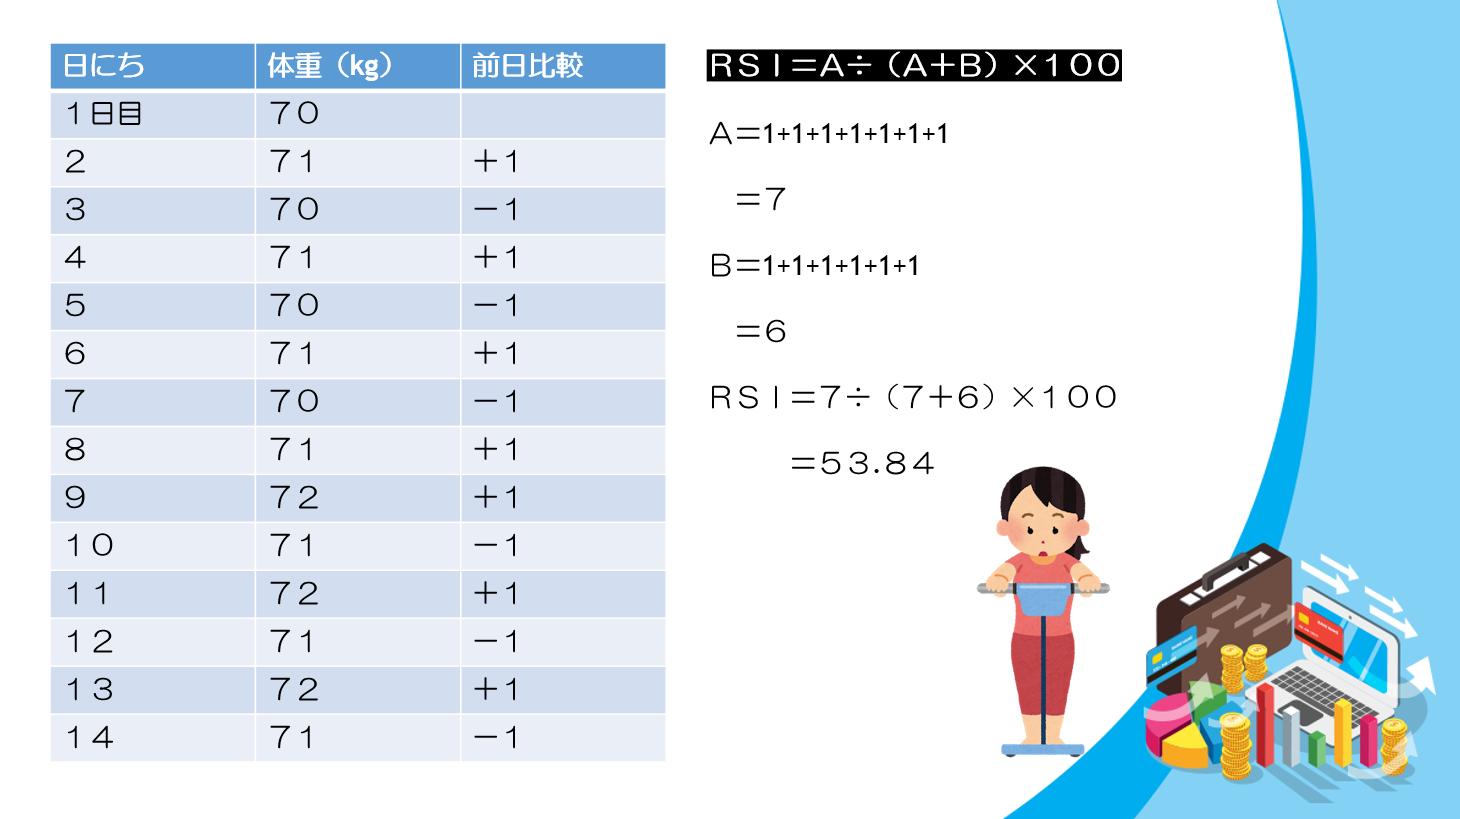 RSI数値 バイナリーオプション